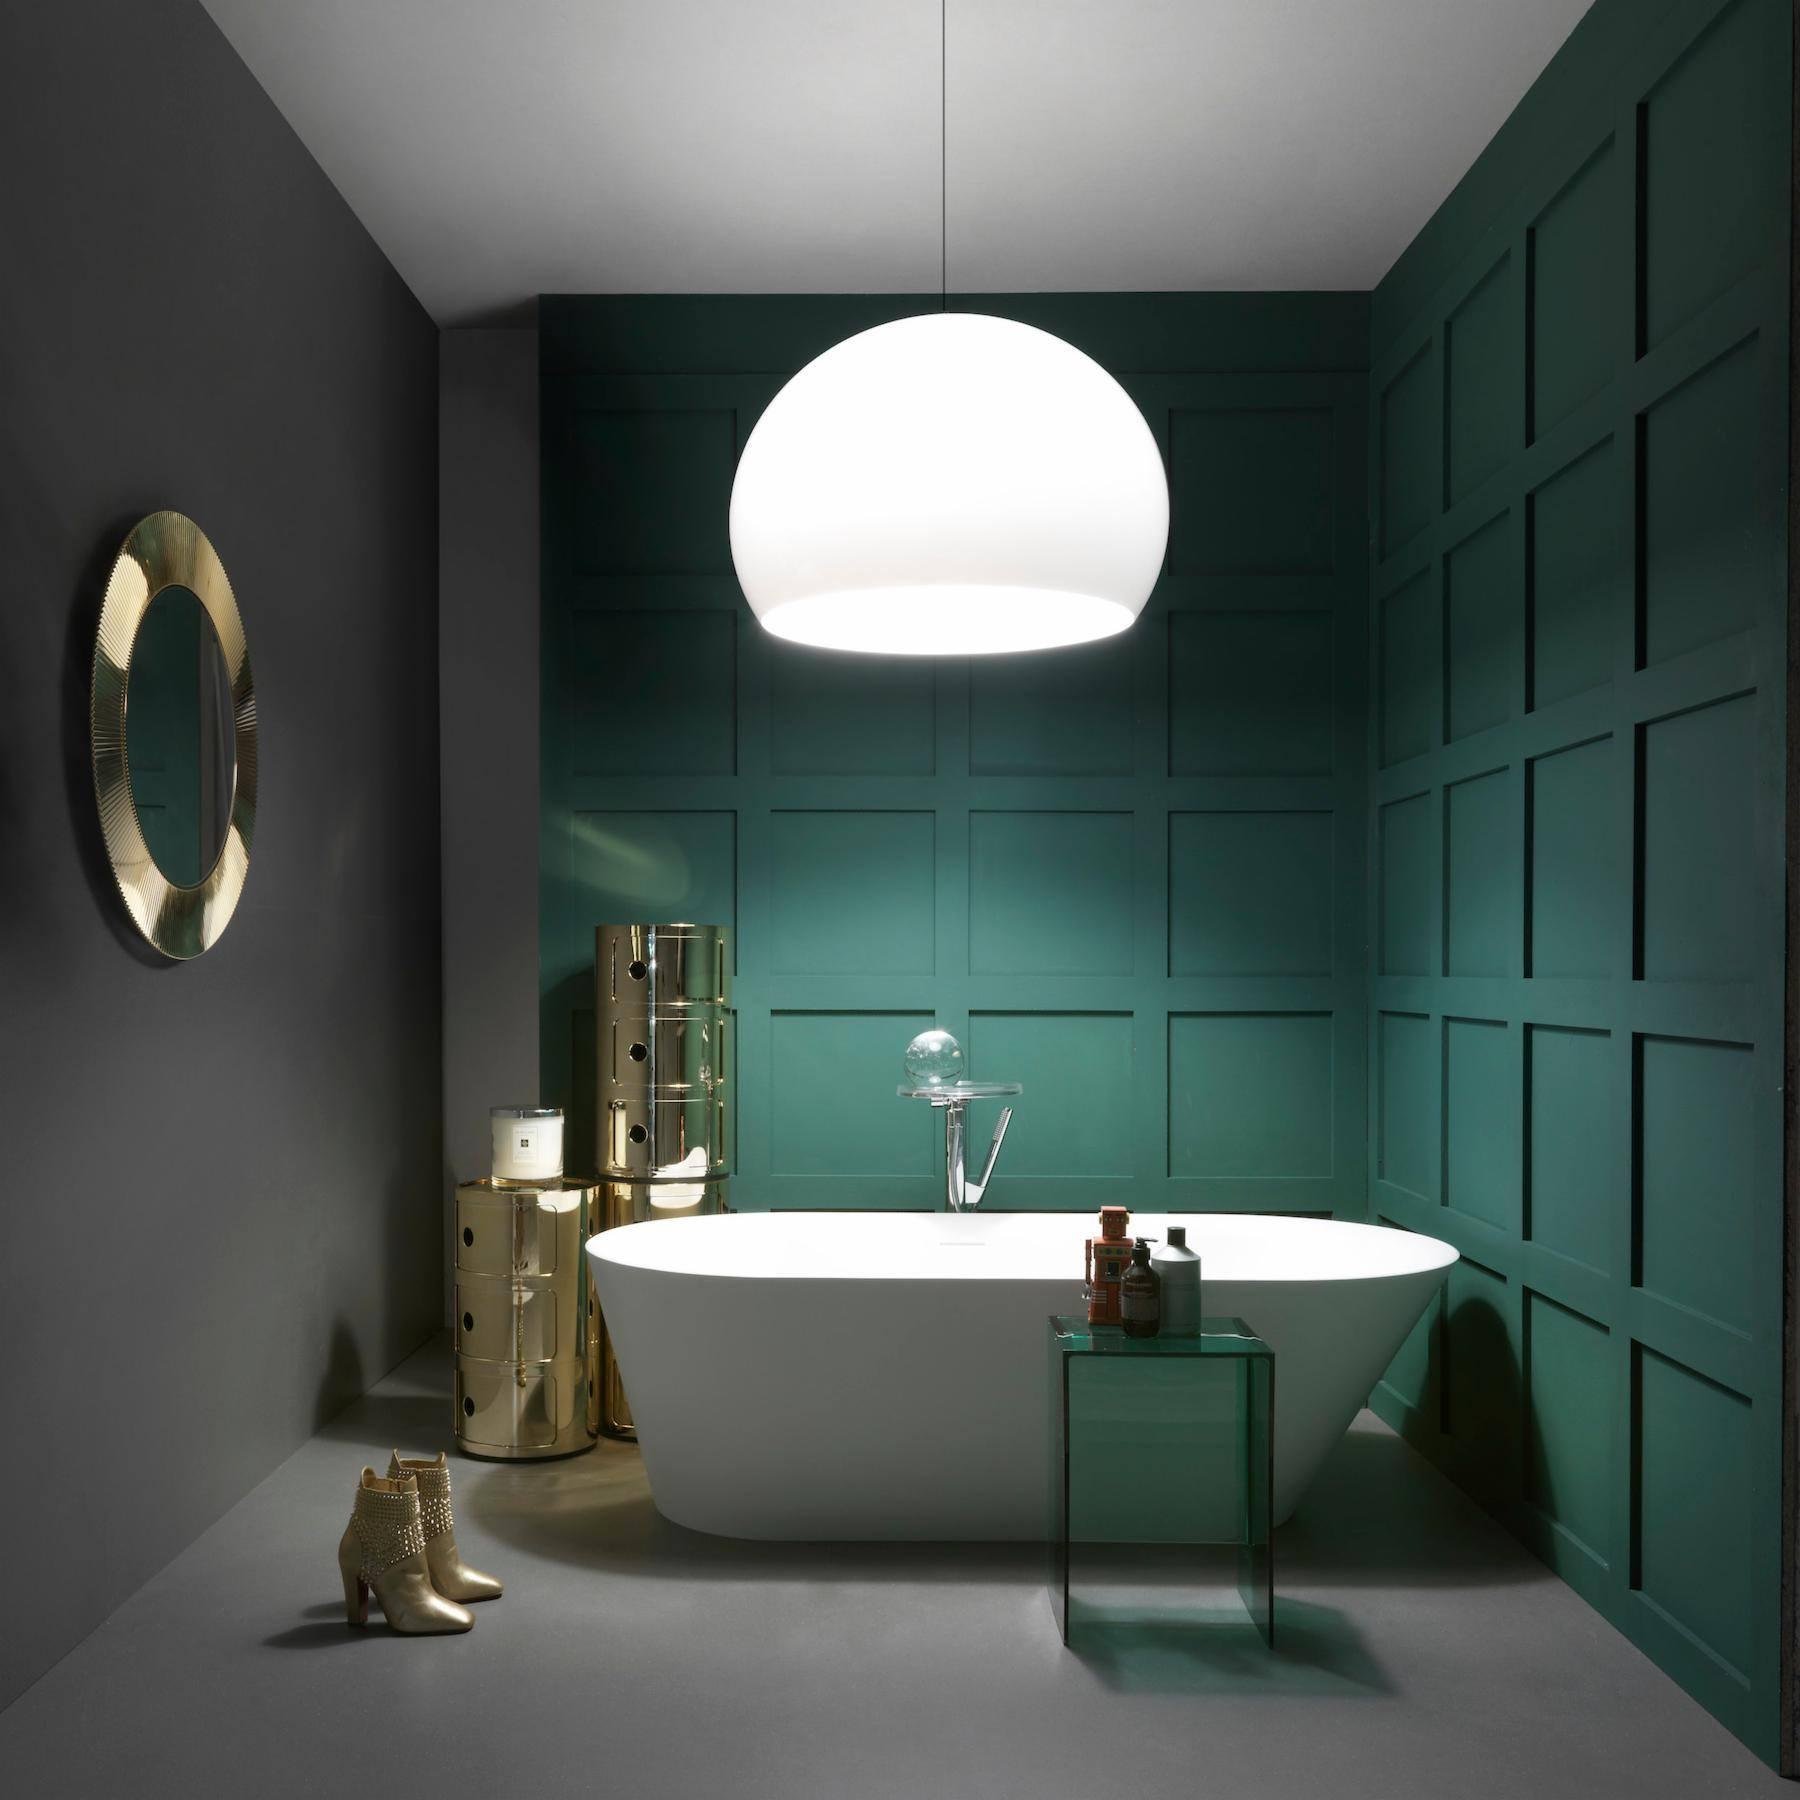 Peachy Flow Bath And Kitchen Design Studio Glenside Pa Interior Design Ideas Inesswwsoteloinfo